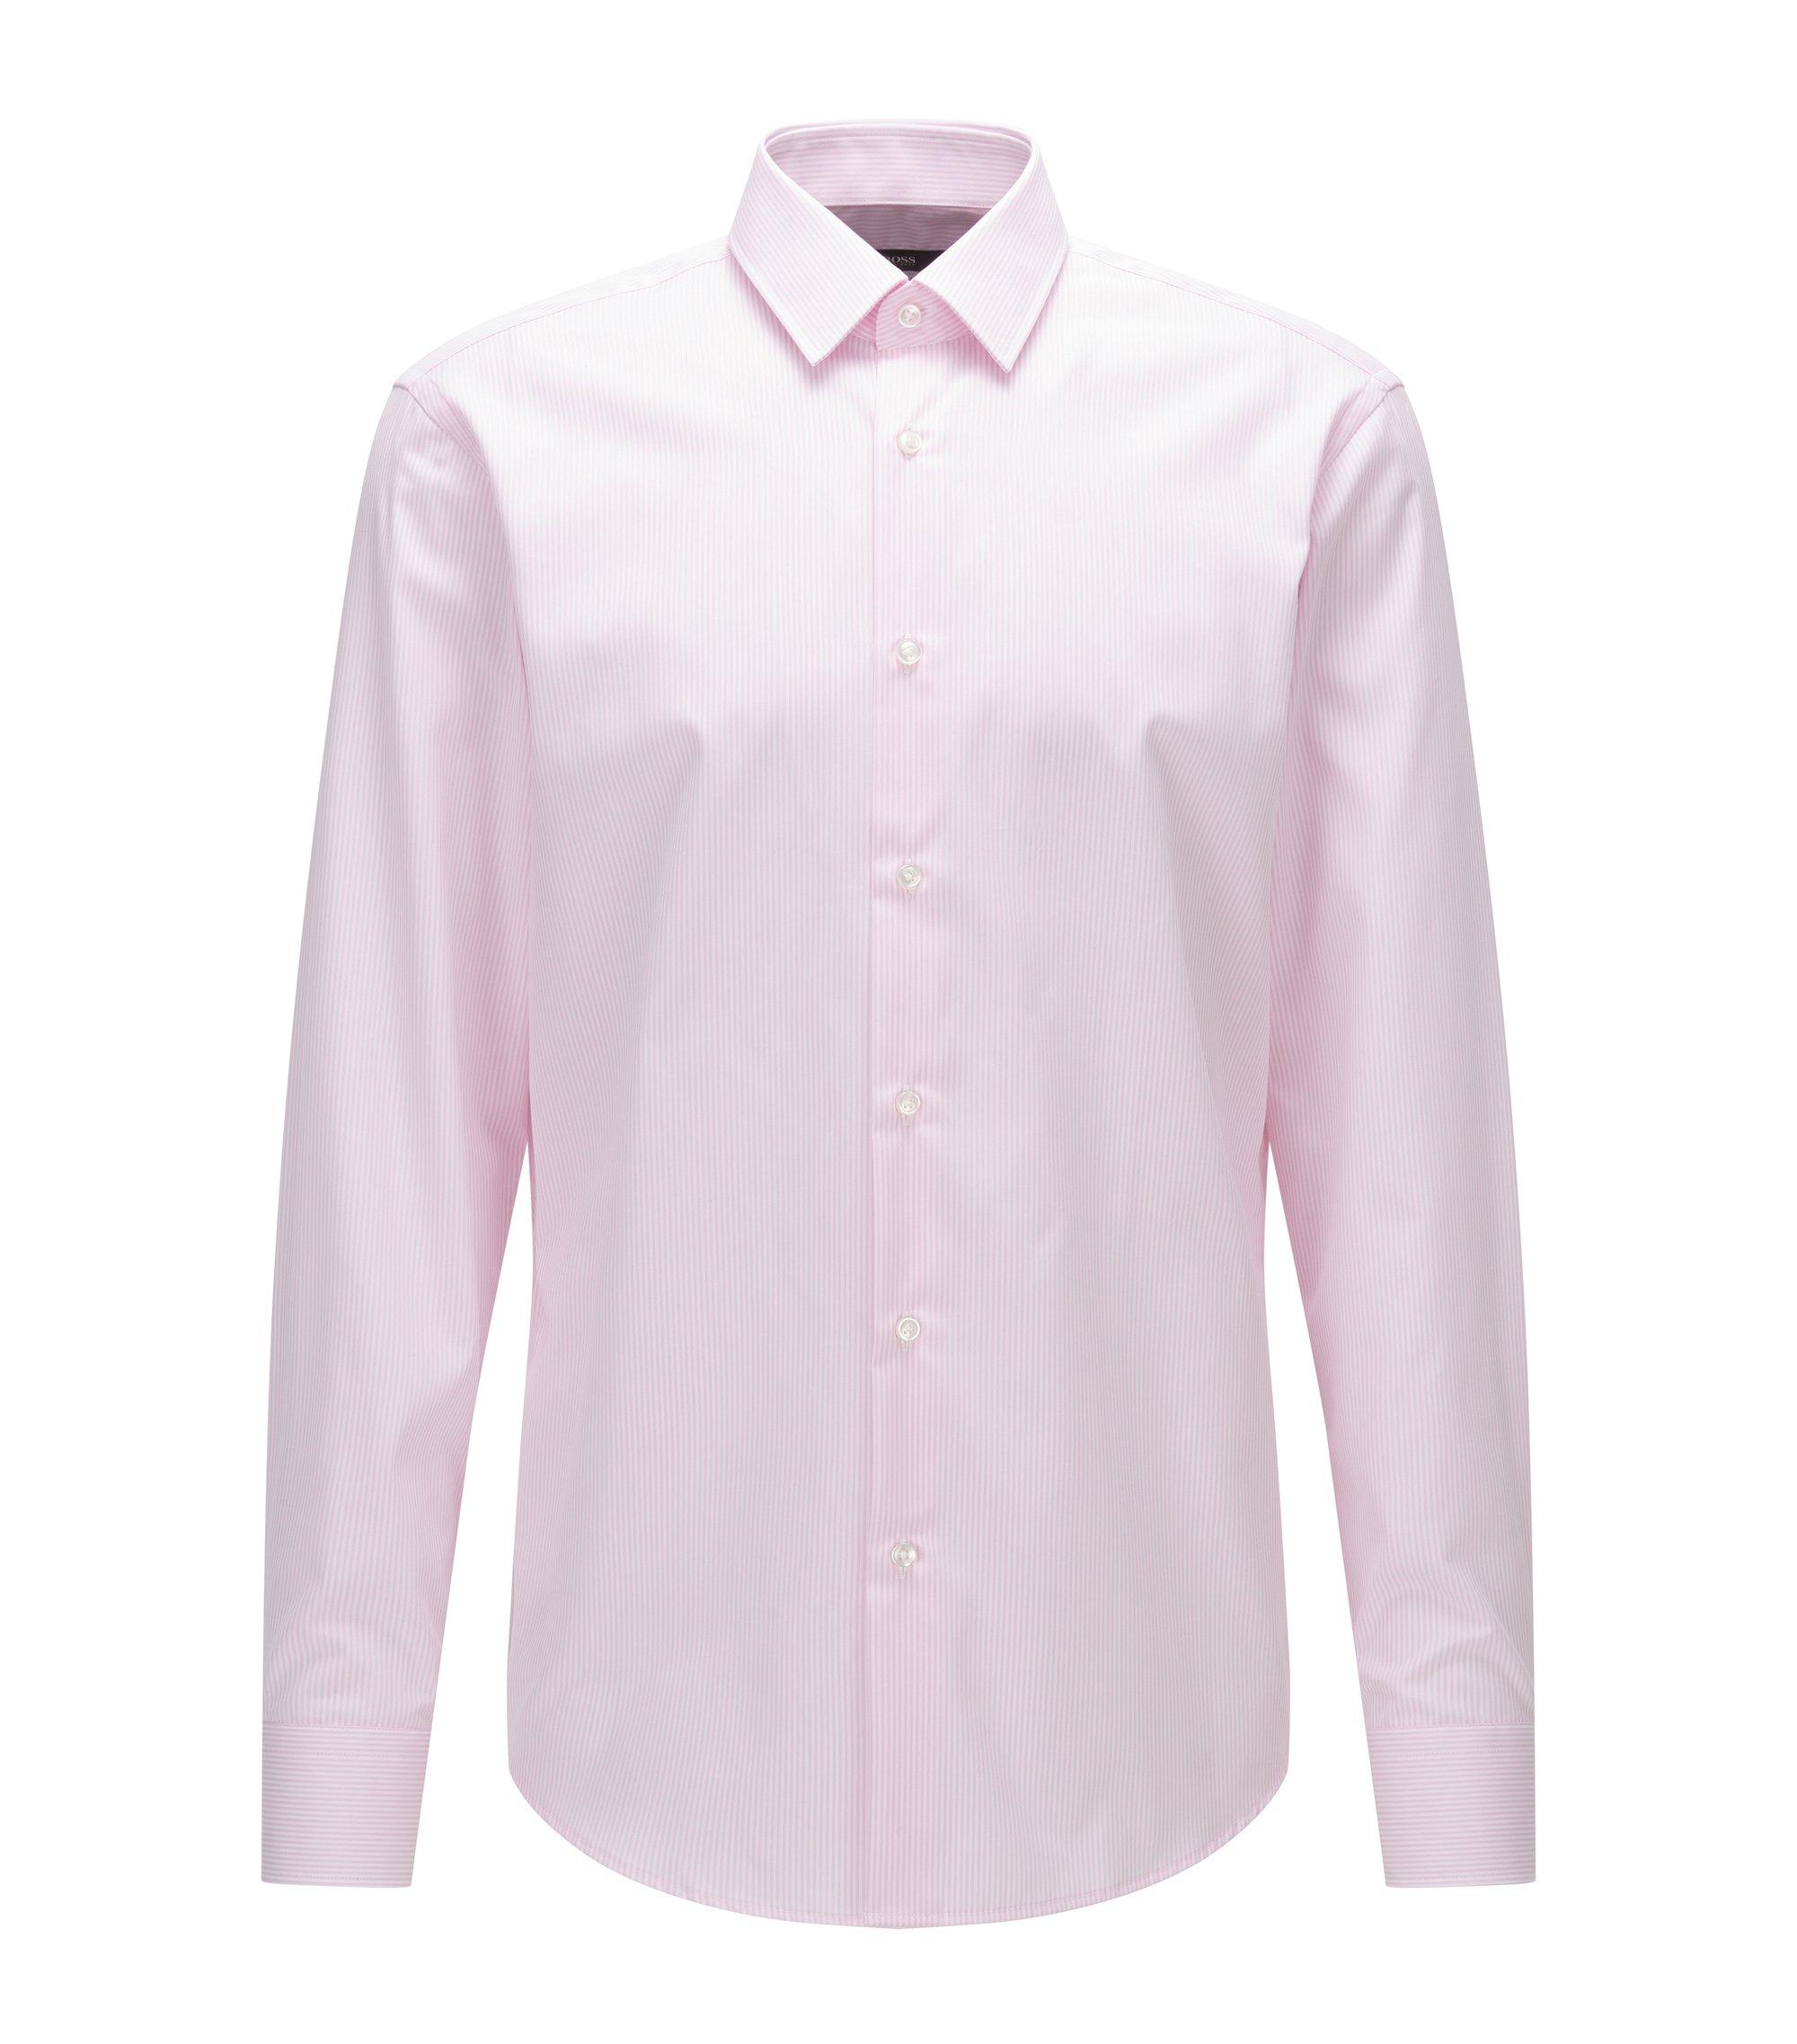 Chemise Regular Fit en popeline de coton à rayures, Rose clair